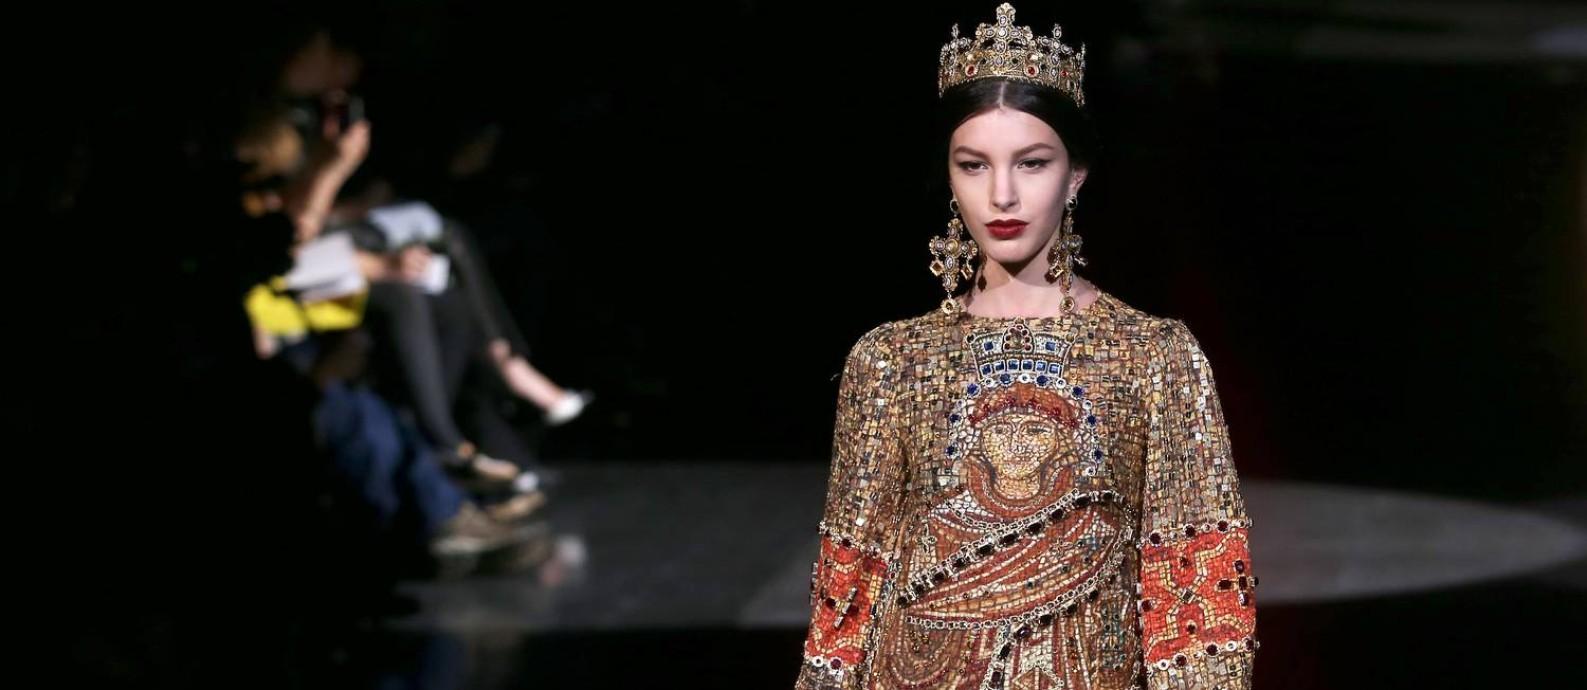 bf61c1c9cb6cb Moda e religião no inverno 2014 da Dolce   Gabbana Foto  Vittorio Zunino  Celotto